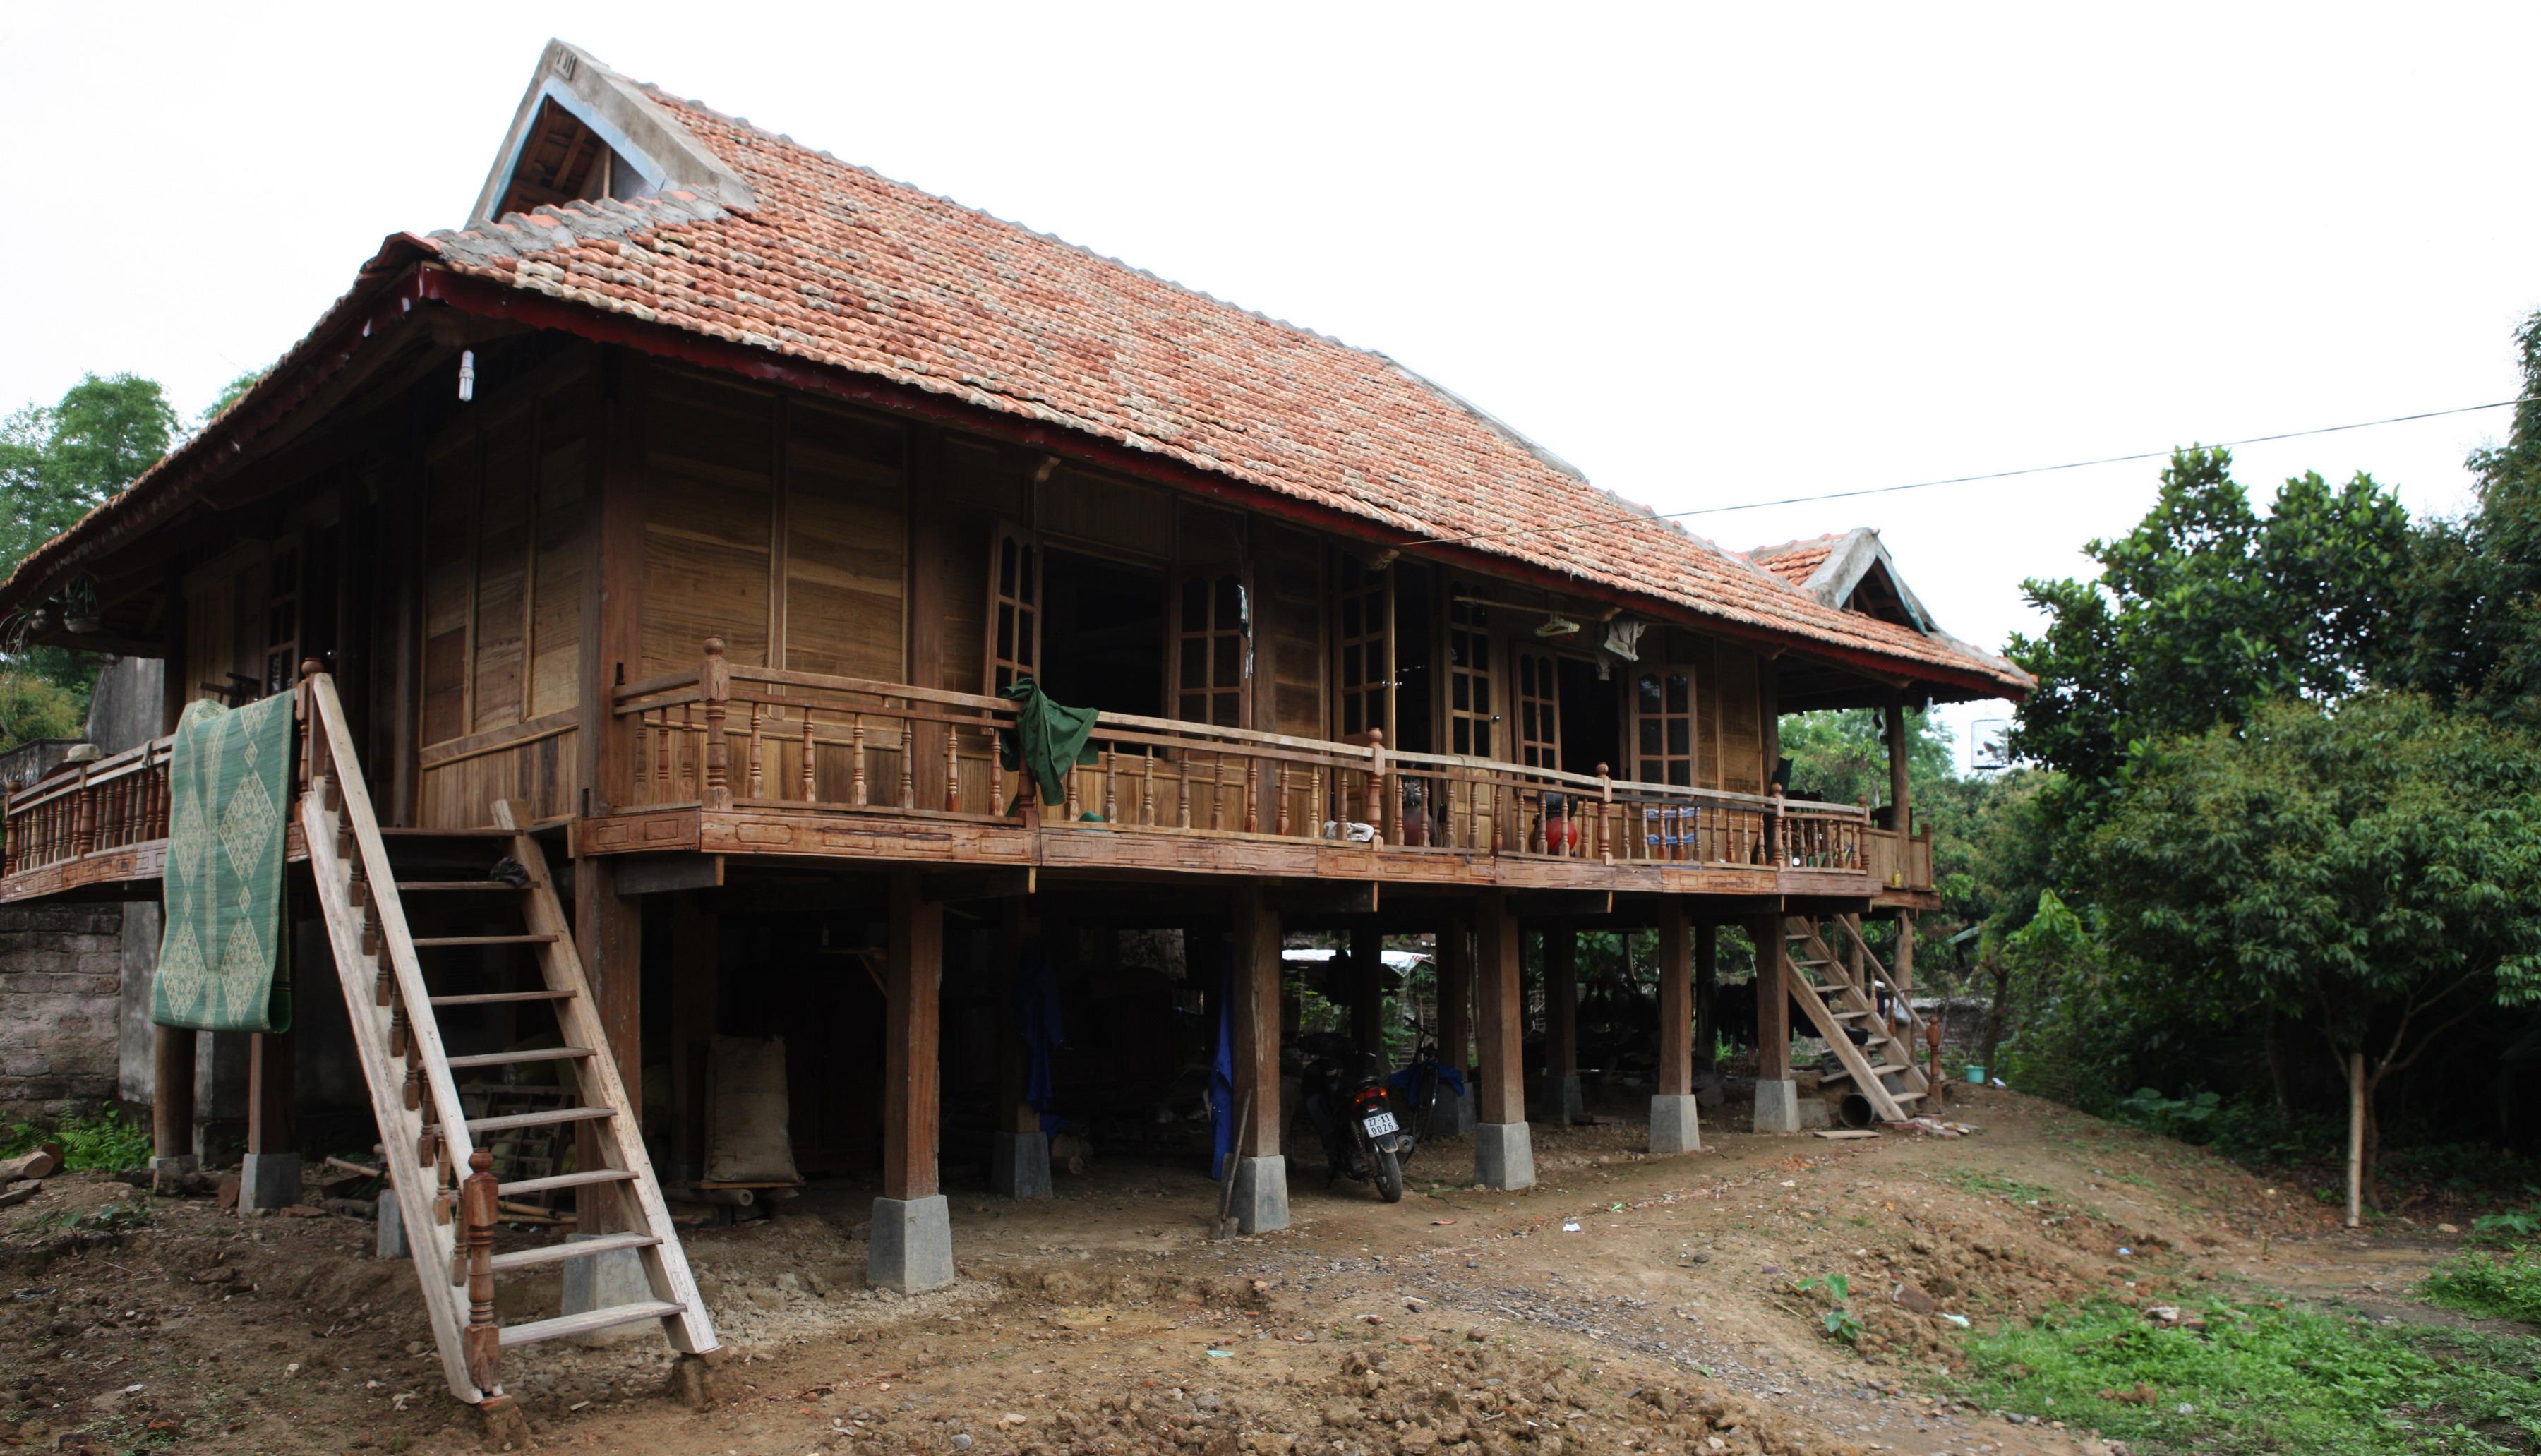 kiến trúc dân tộc vùng núi phía bắc